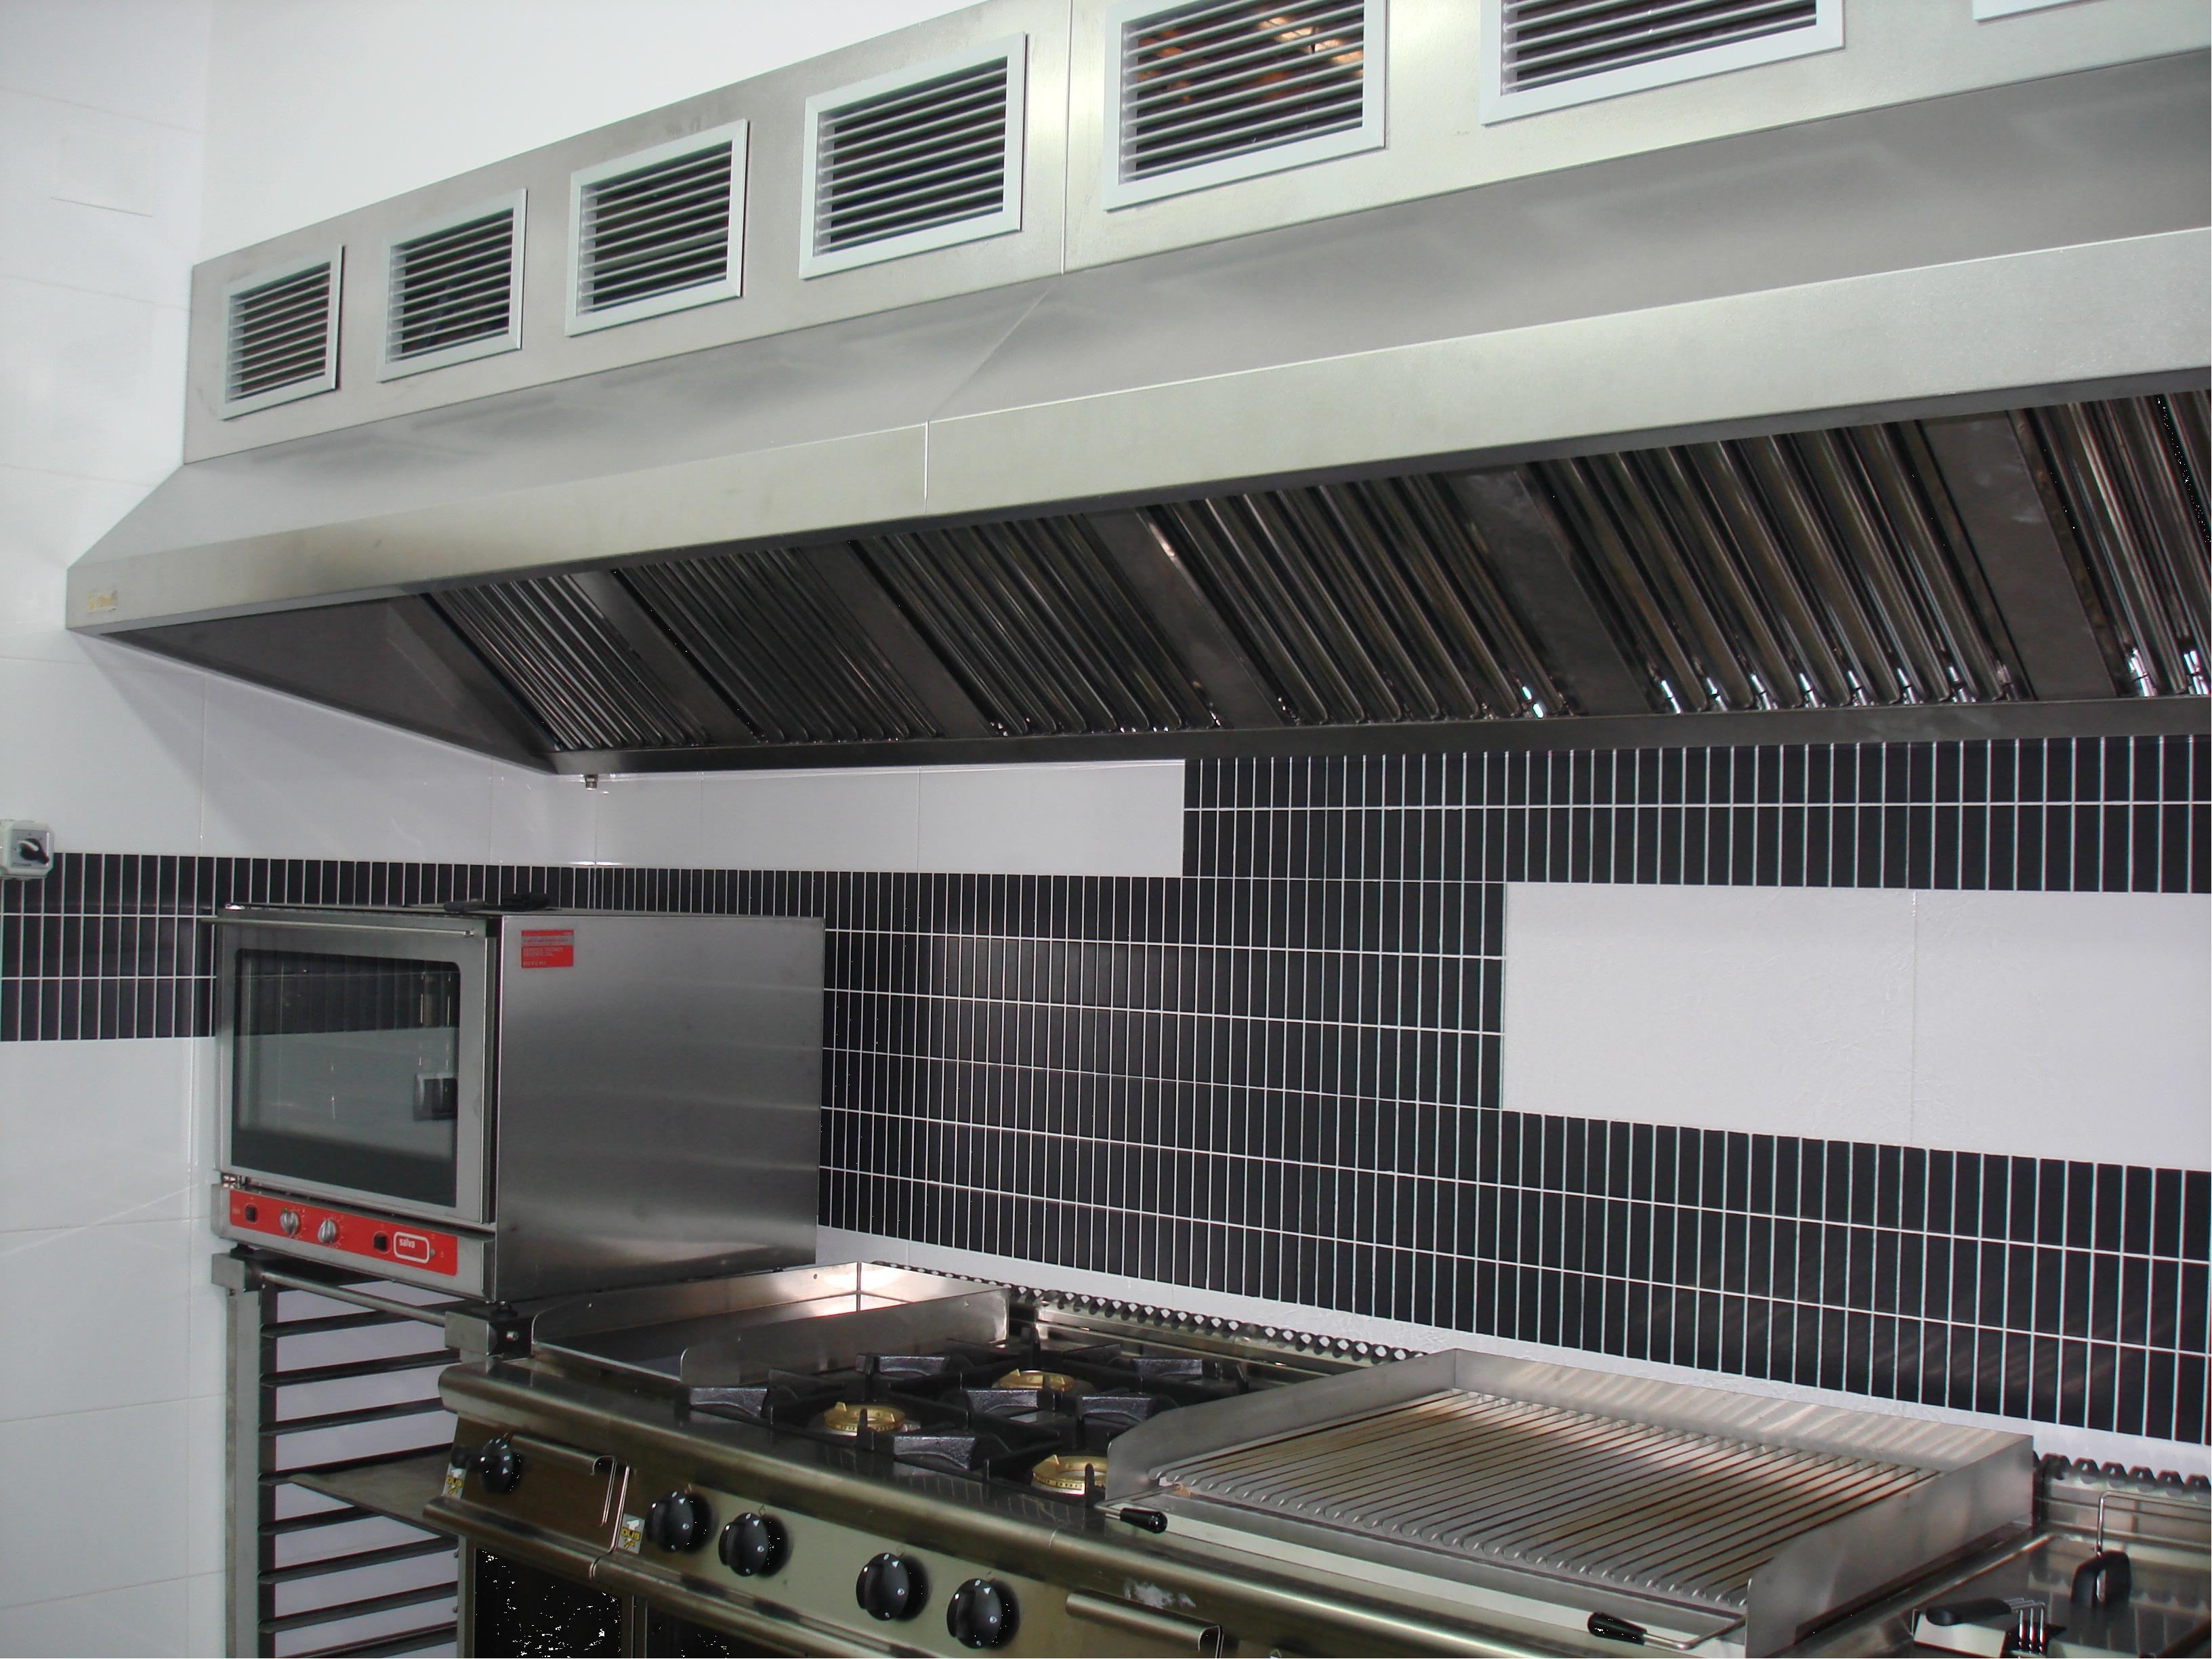 Campanas extractoras industriales hosteler a filtresa for Accesorios de cocina industrial